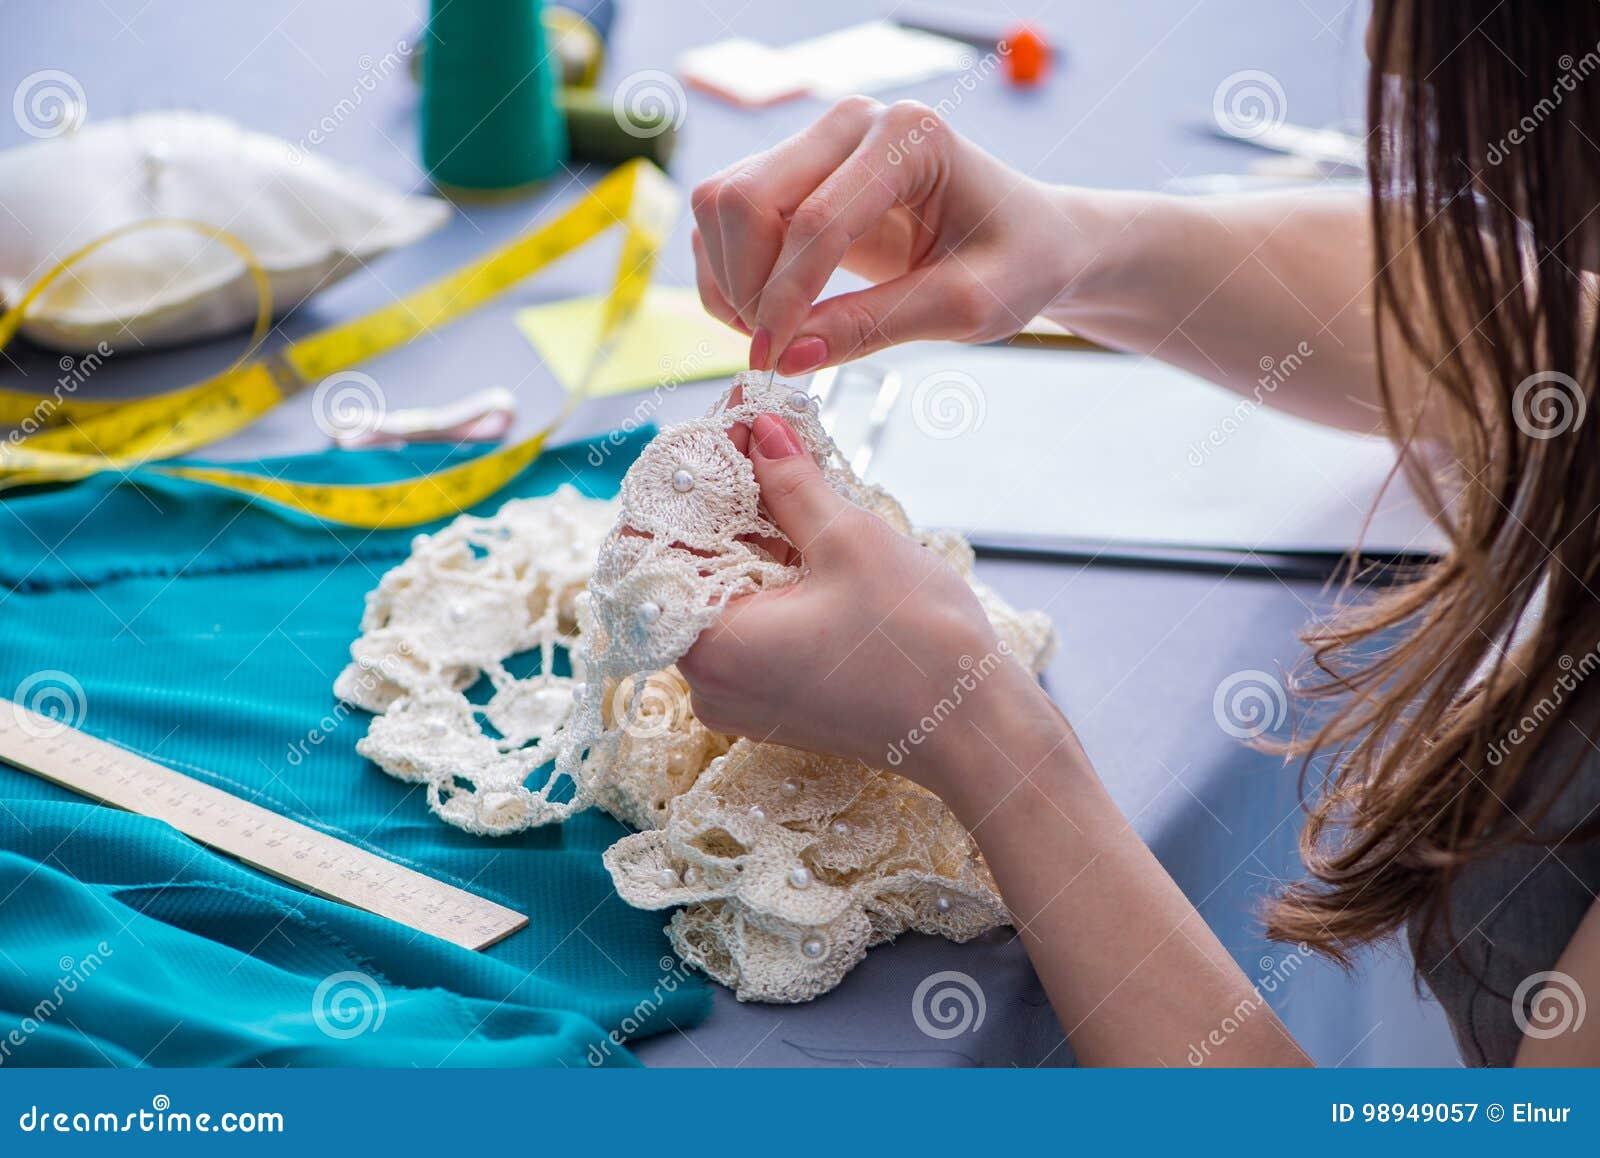 Tailleur de femme travaillant à un habillement fa de mesure piquant de couture